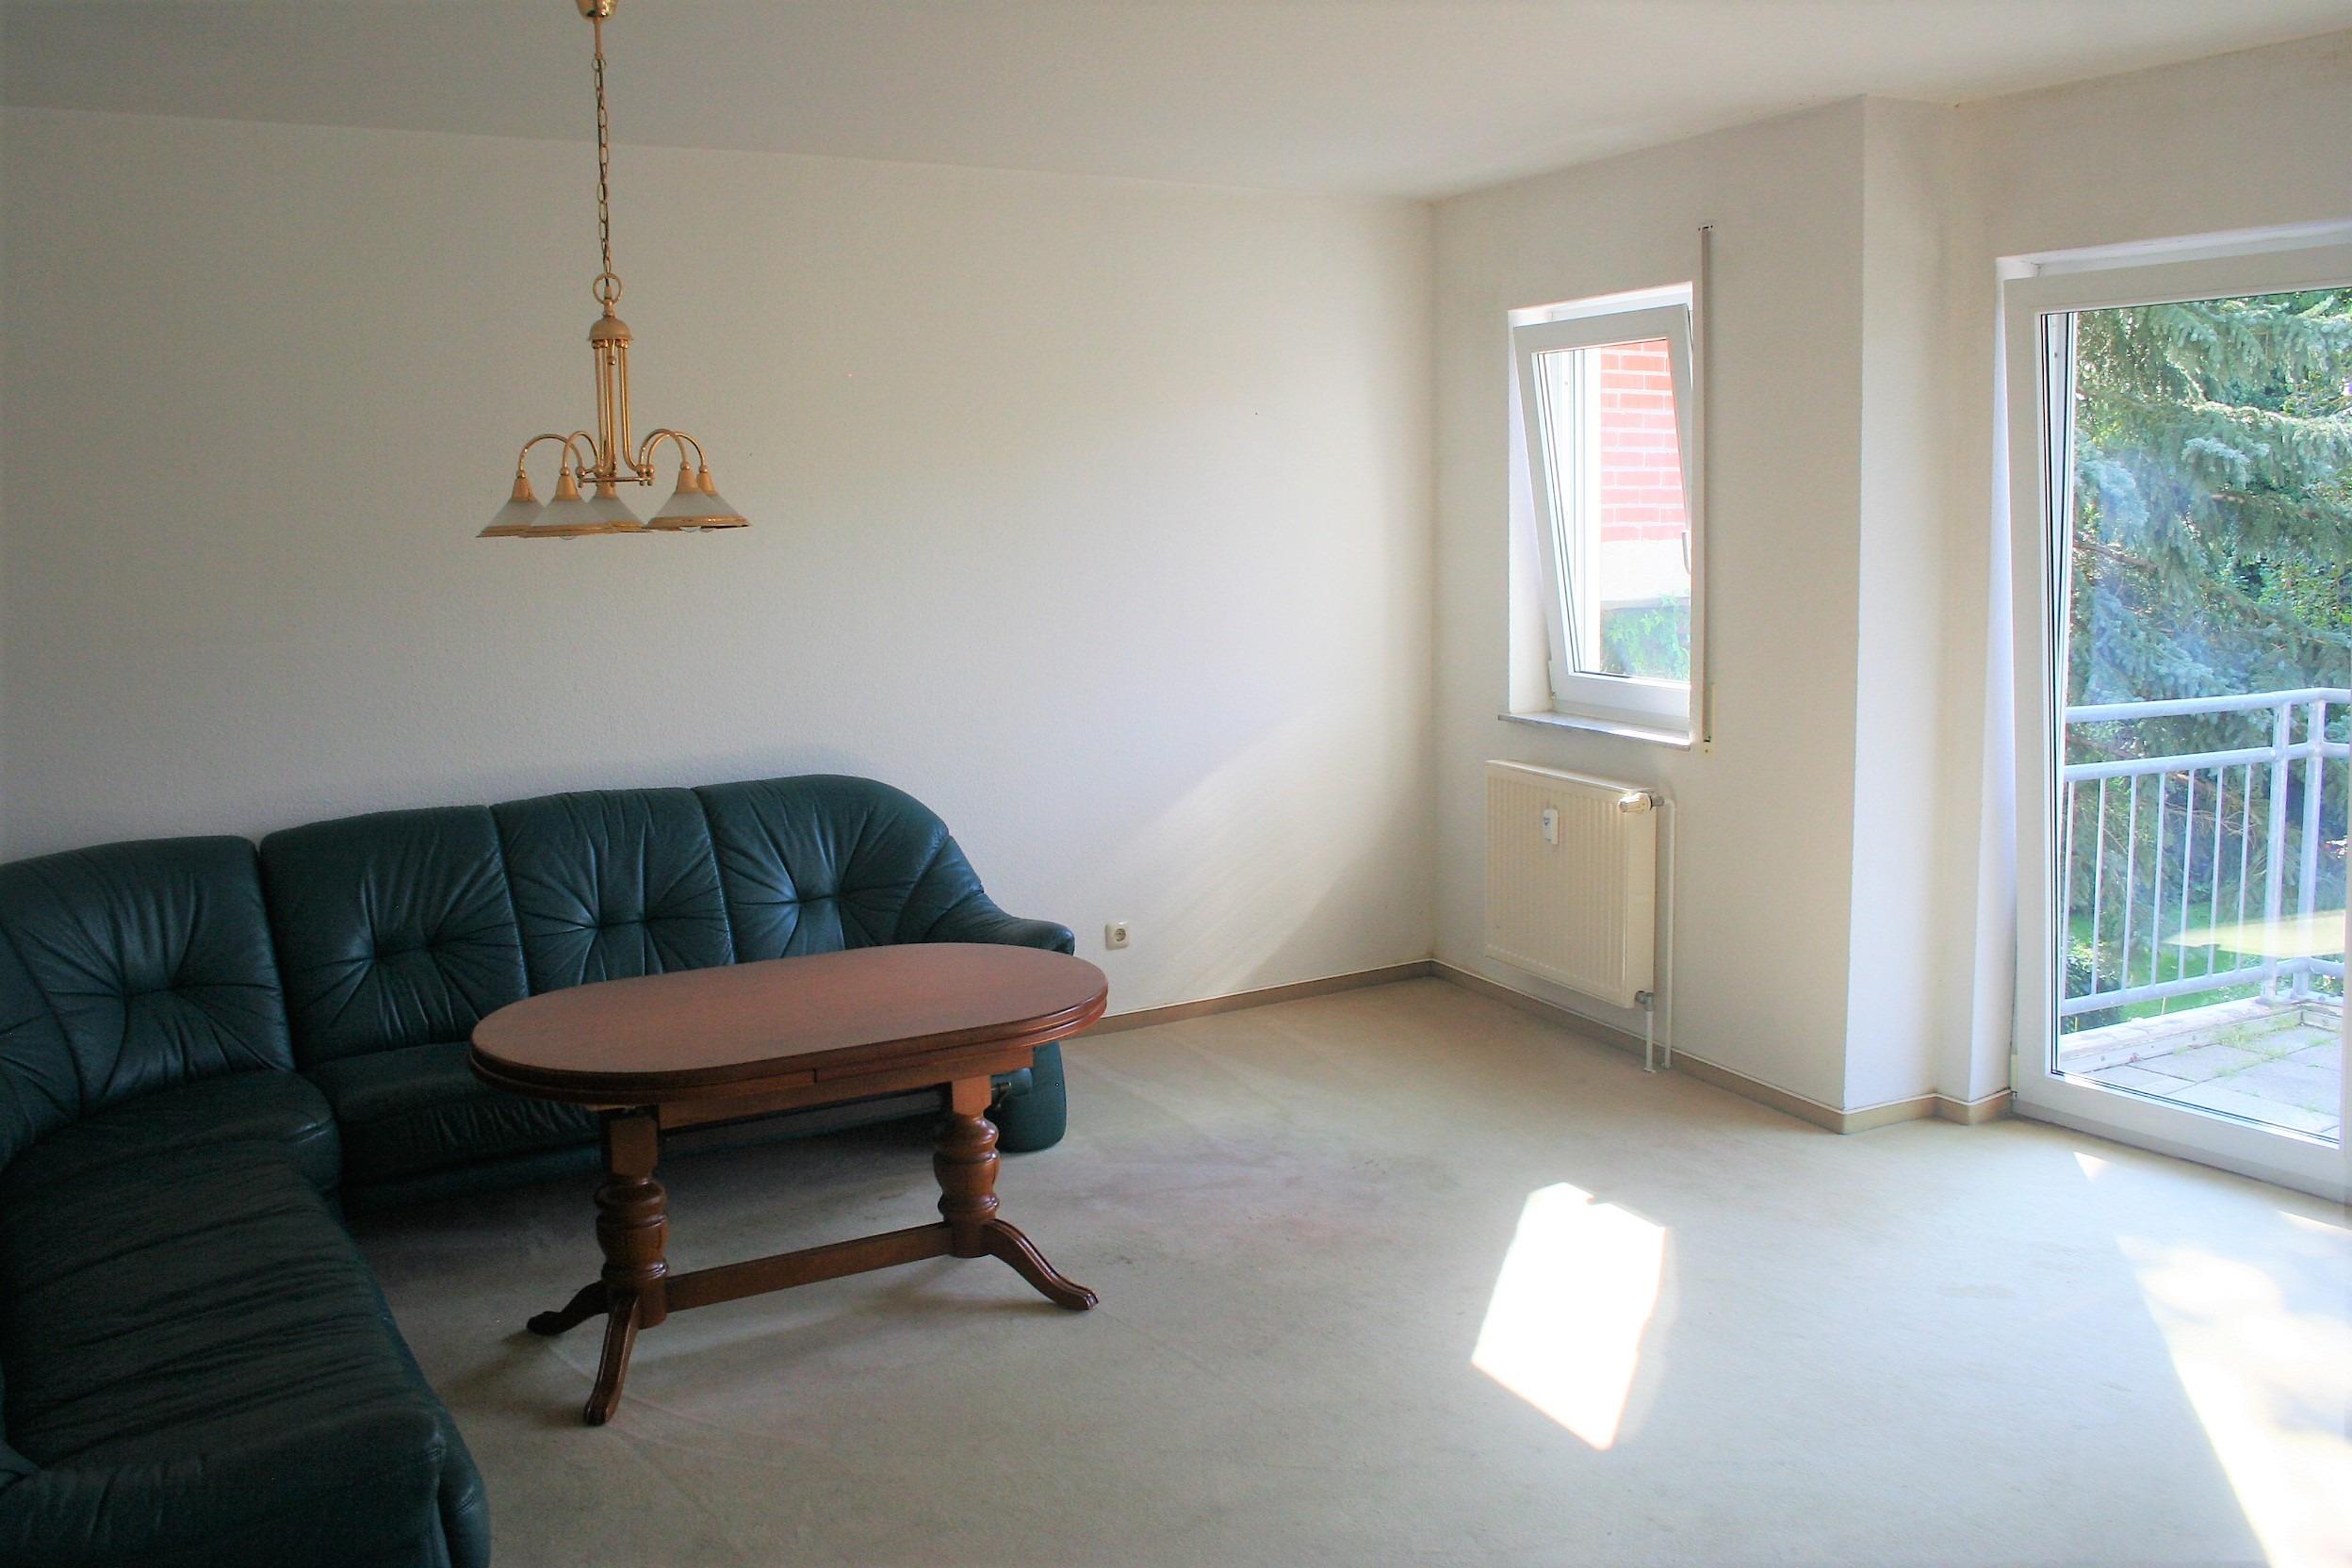 Eigentumswohnung - Wohnzimmer